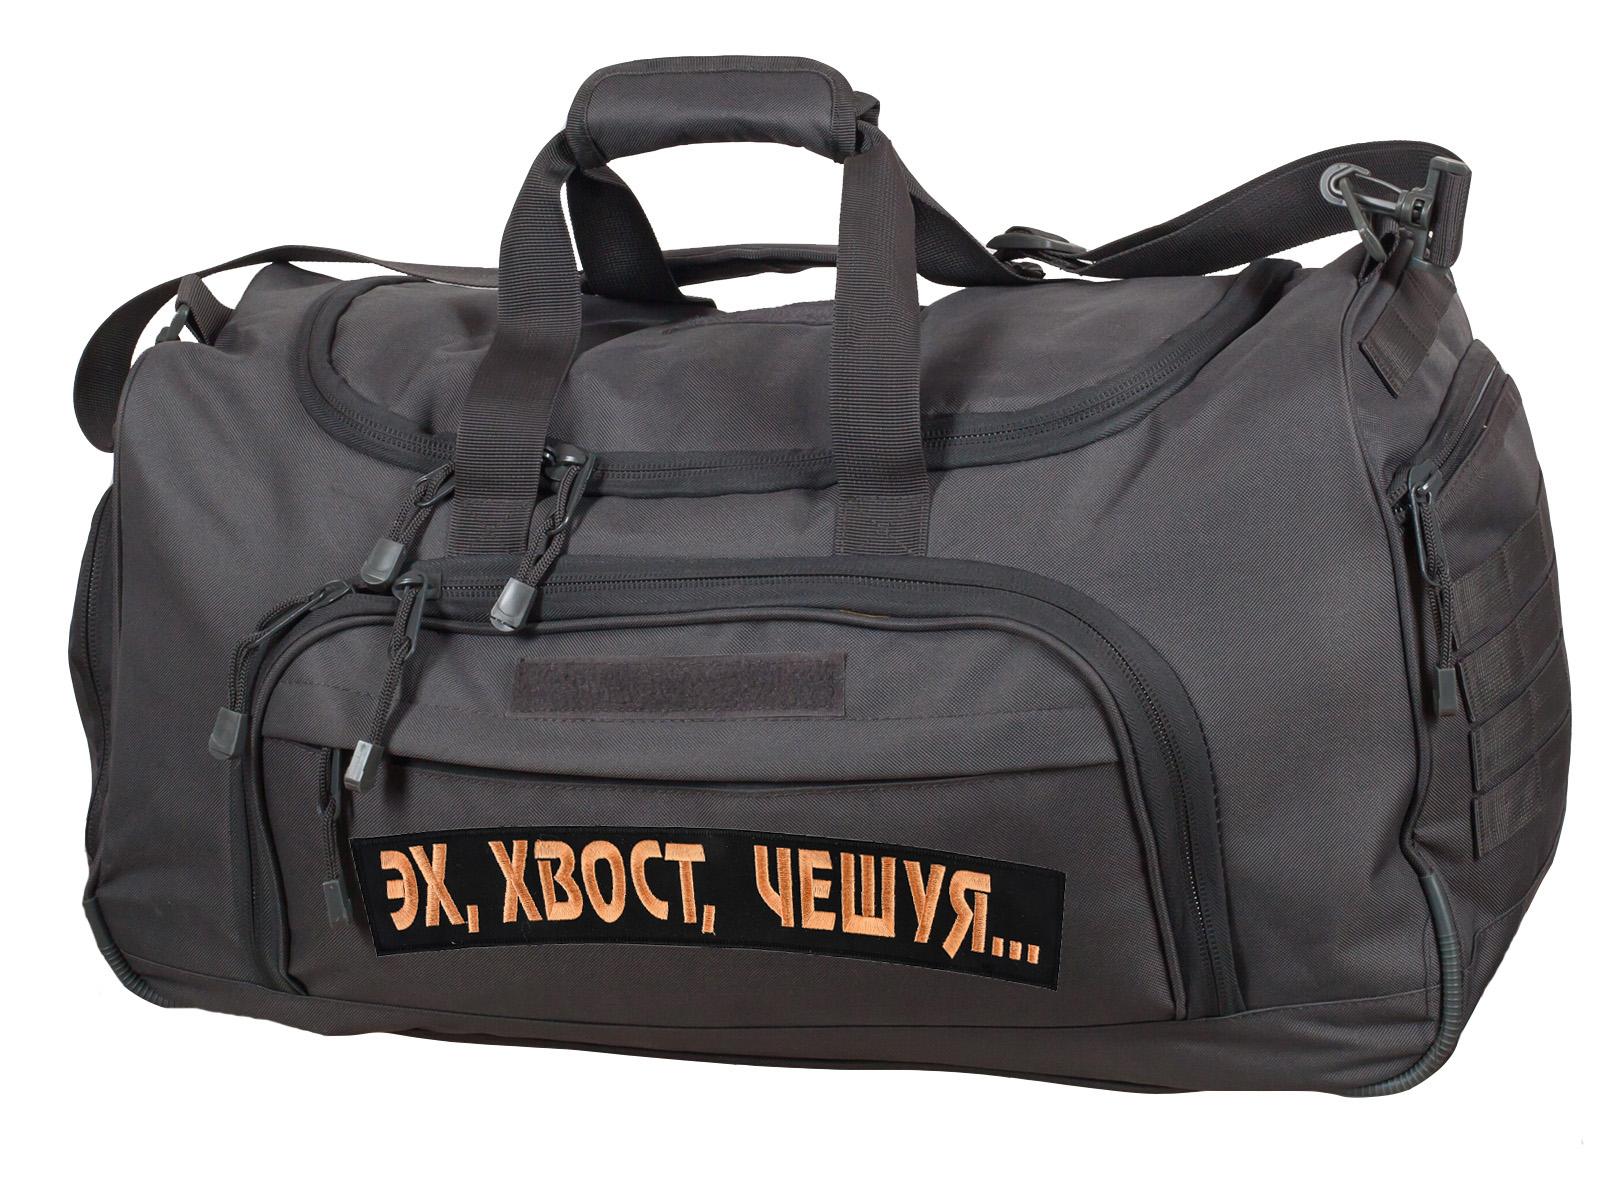 Тактическая дорожная сумка 08032B Эх, хвост, чешуя - купить оптом